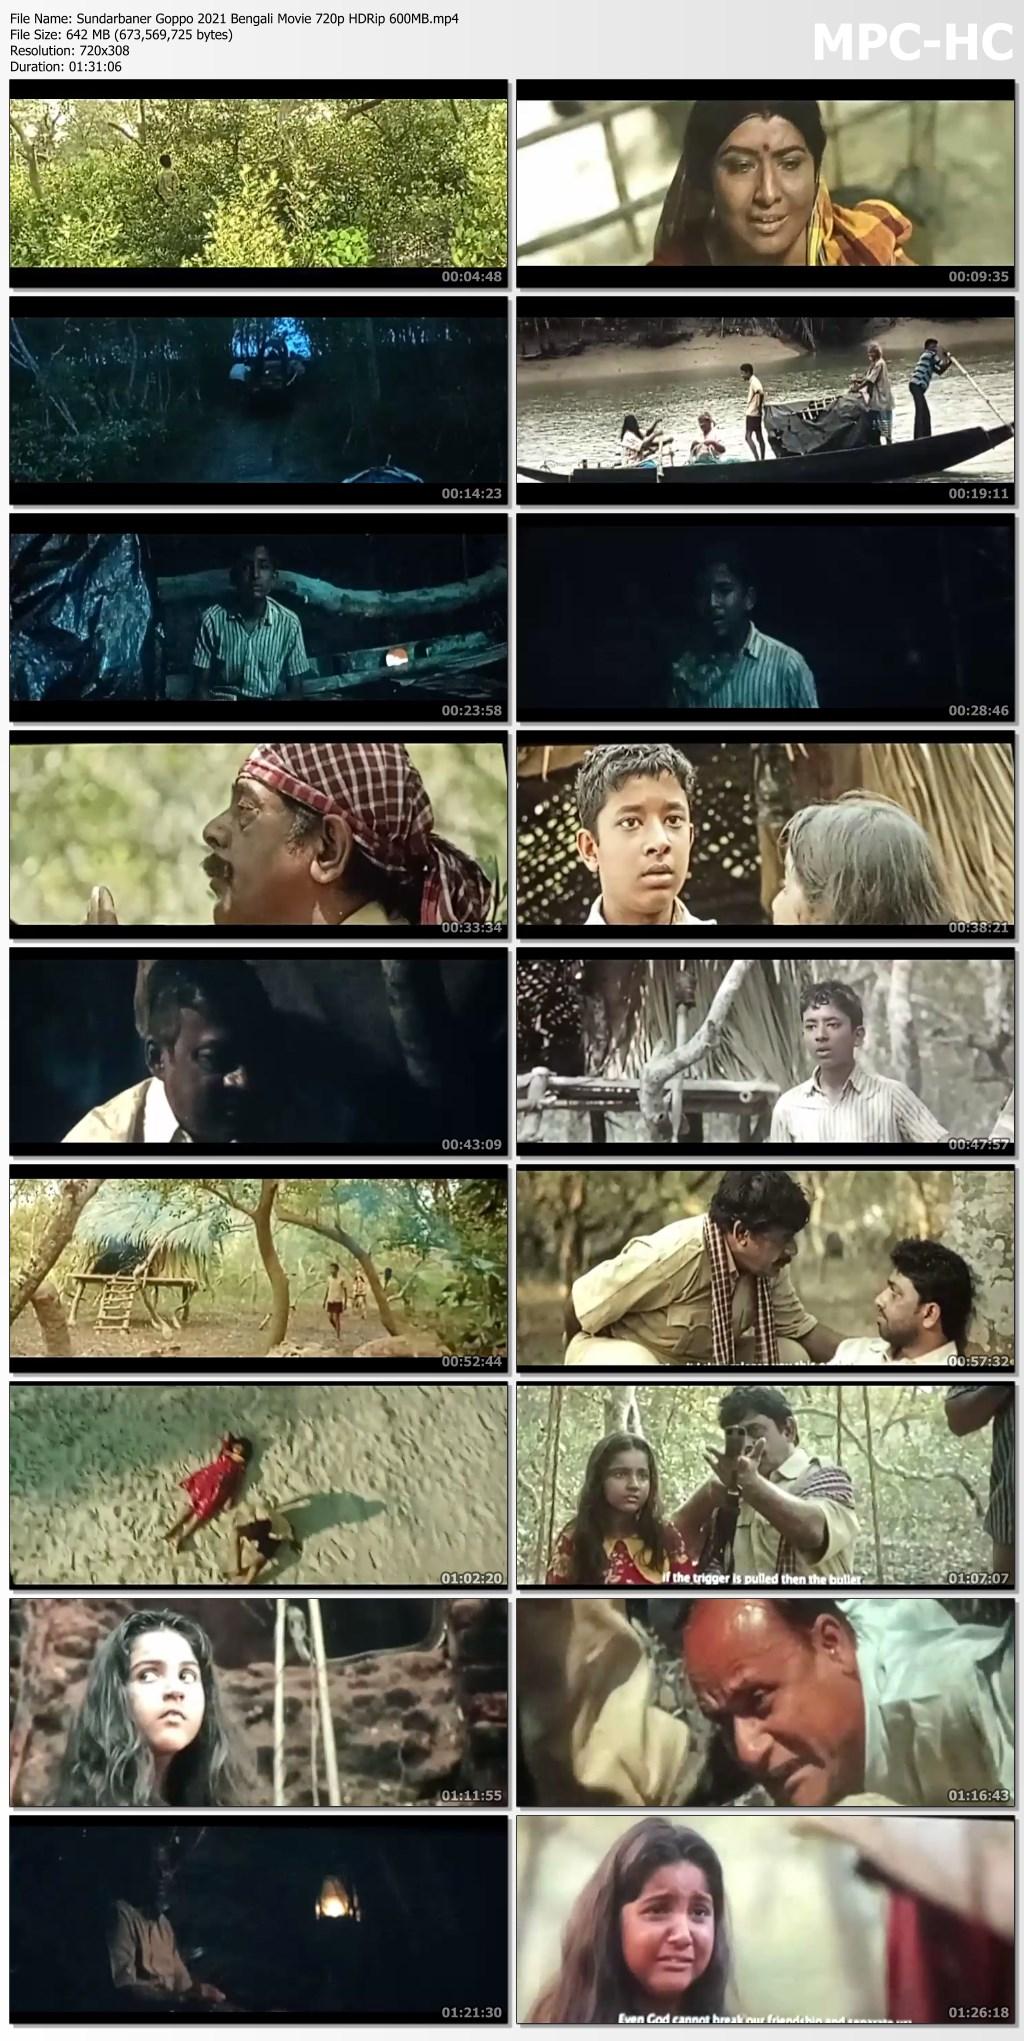 Sundarbaner Goppo 2021 Bengali Movie 720p HDRip 600MB.mp4 thumbs